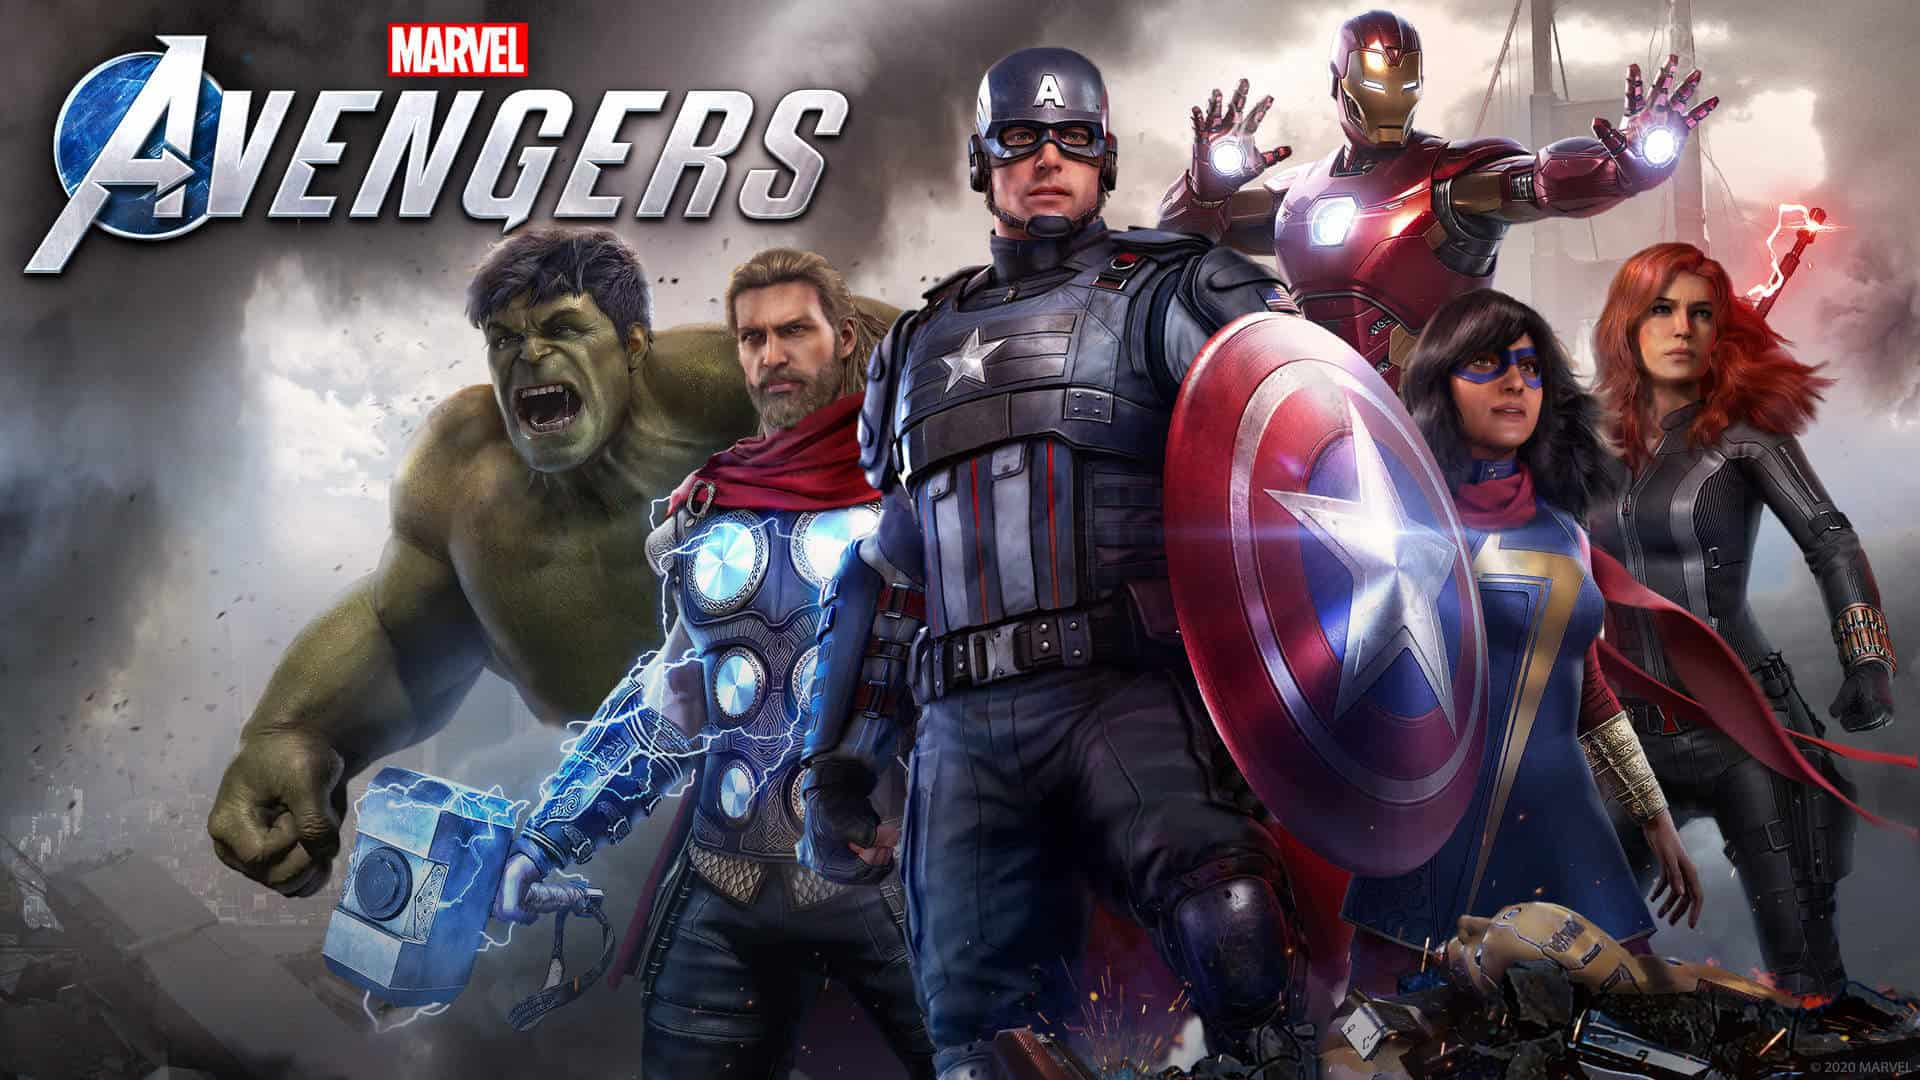 Marvel's Avengers Game Information